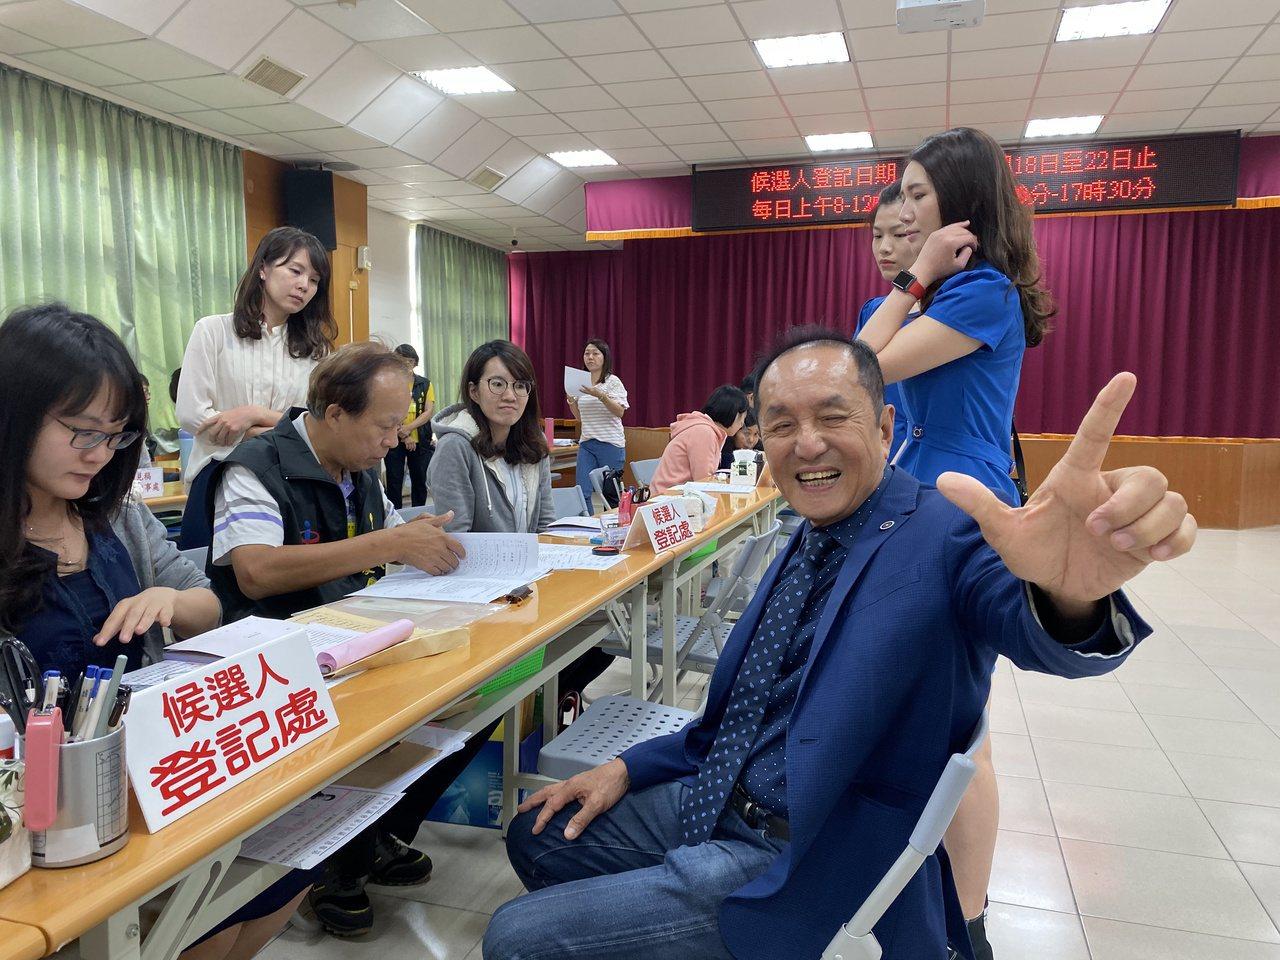 虧雞福來爹林義豐今天登記參選立委。記者修瑞瑩/攝影